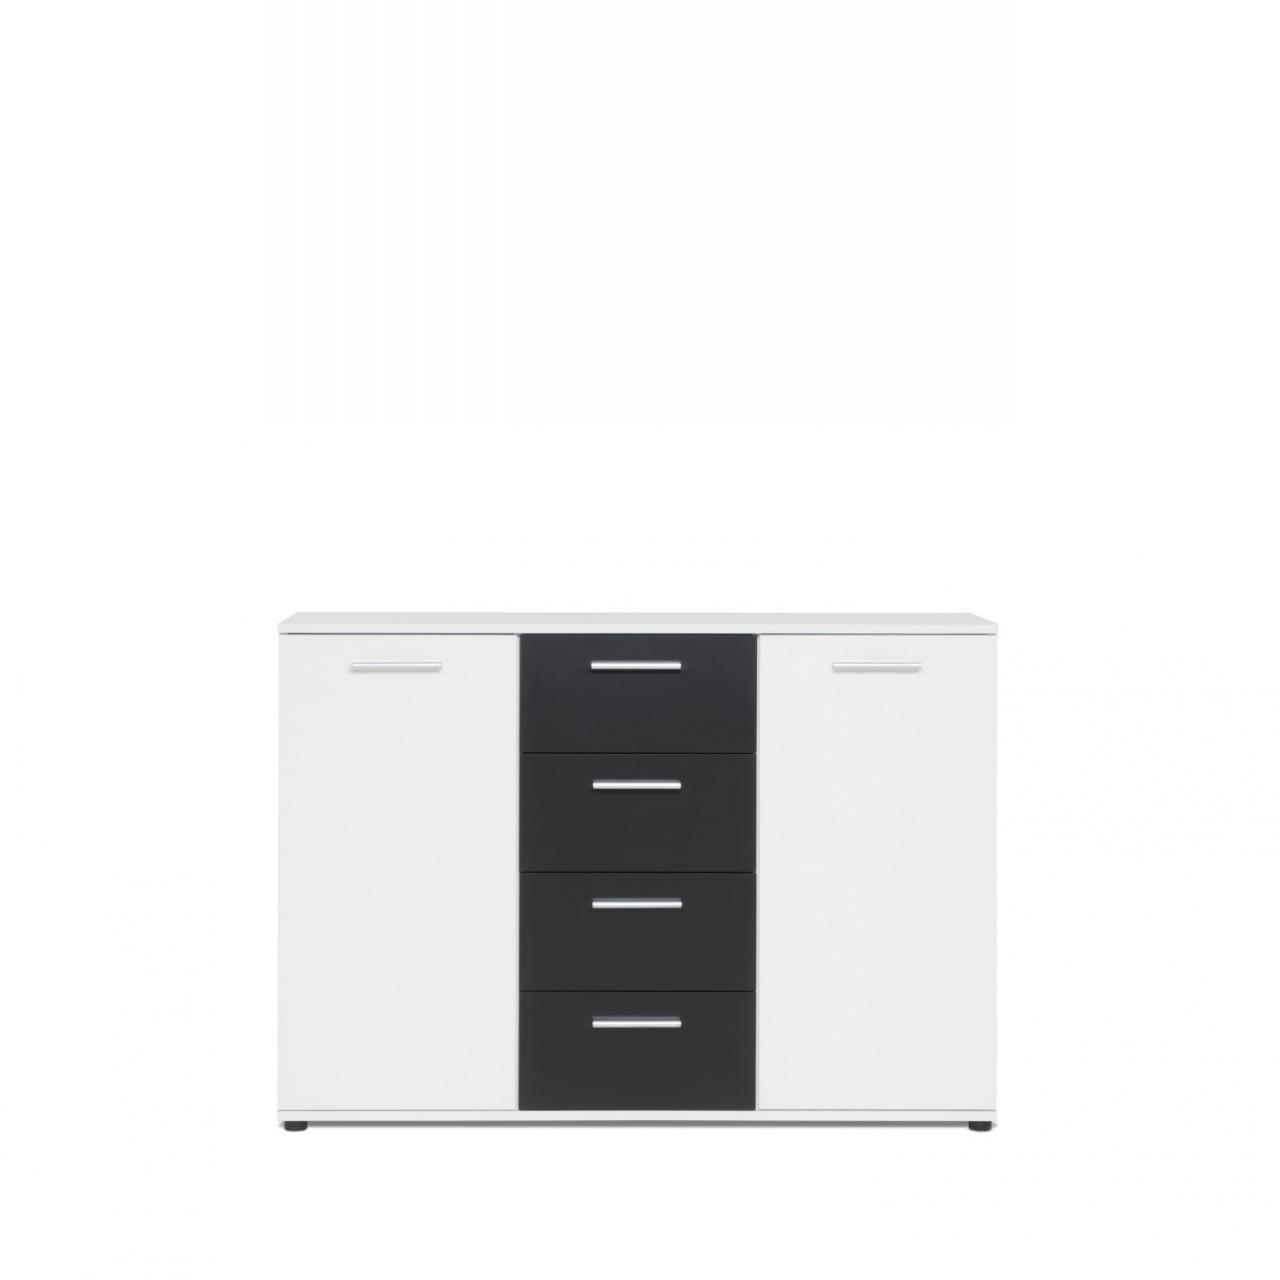 Kommode schwarz weiß  Kommode Jacky 2 | weiss - schwarz | 2 Türen | 4 Schubkästen | Möbel ...